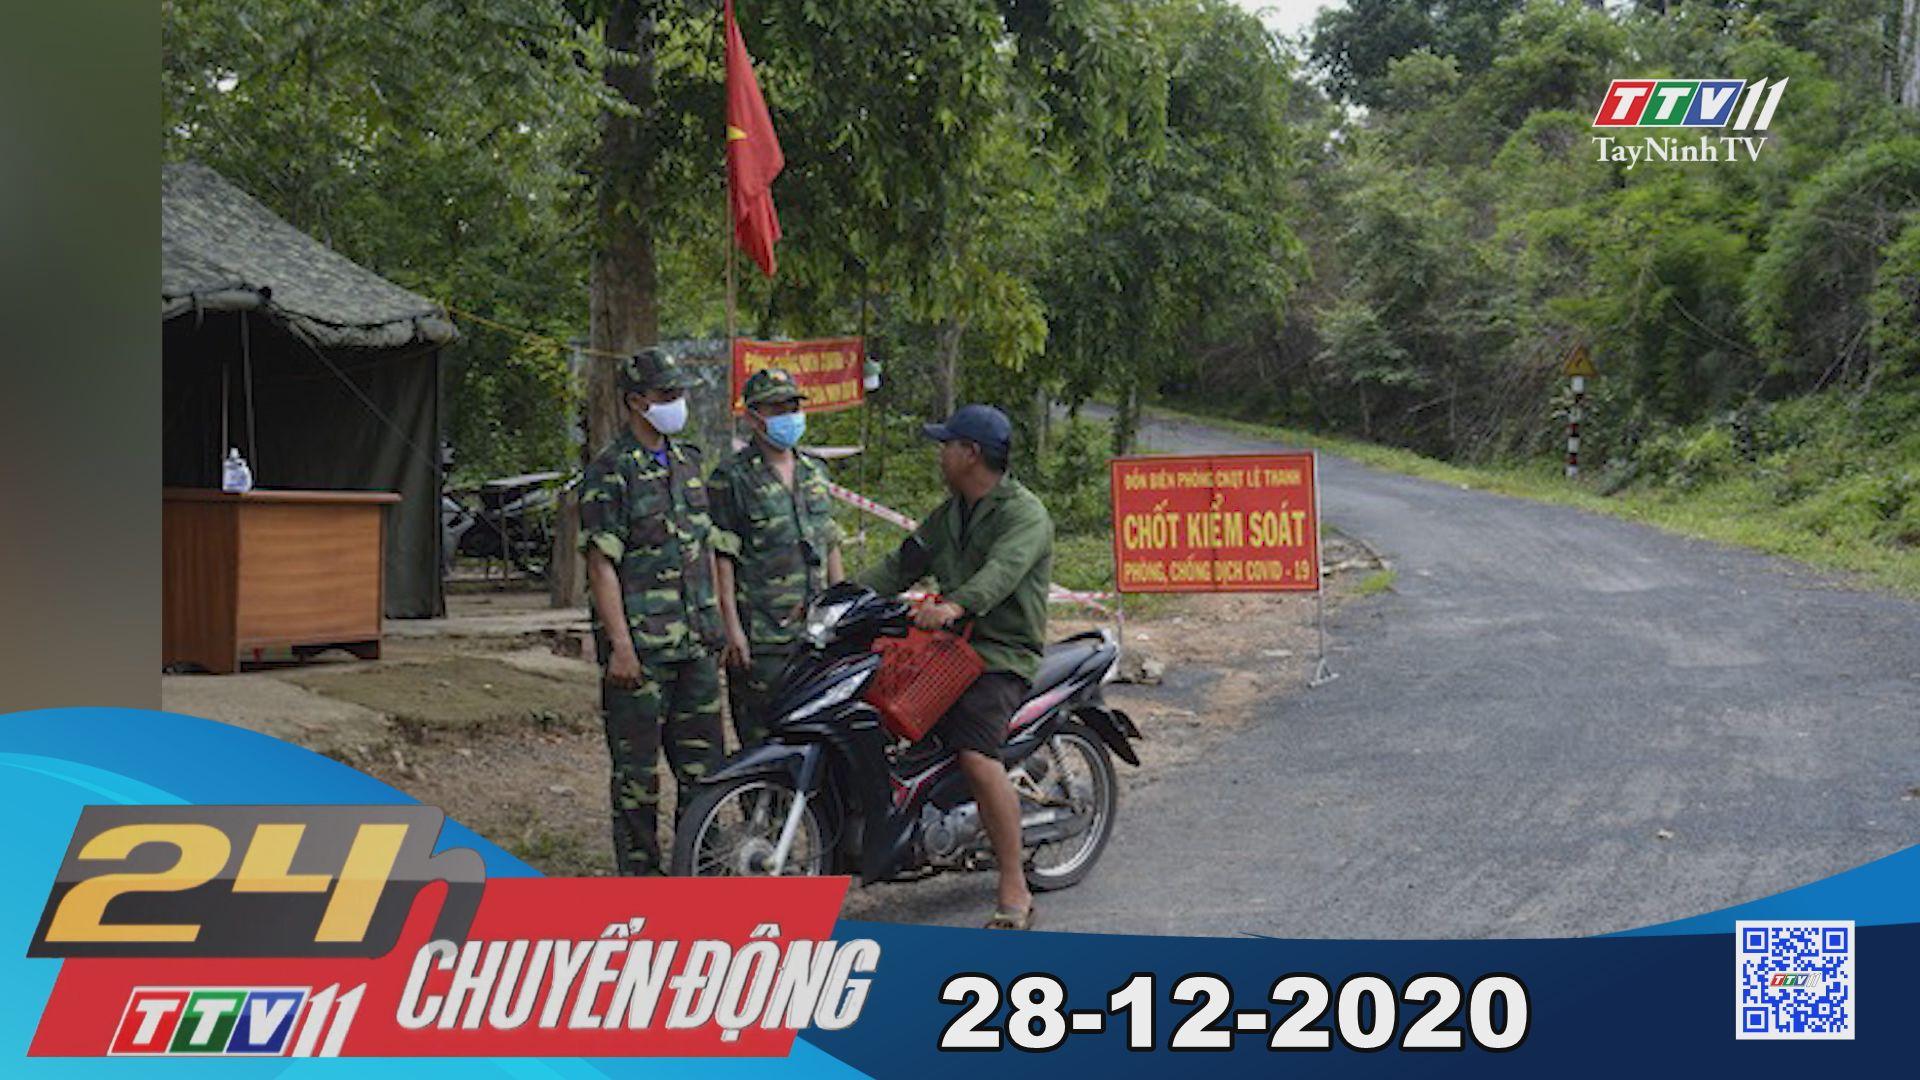 24h Chuyển động 28-12-2020 | Tin tức hôm nay | TayNinhTV